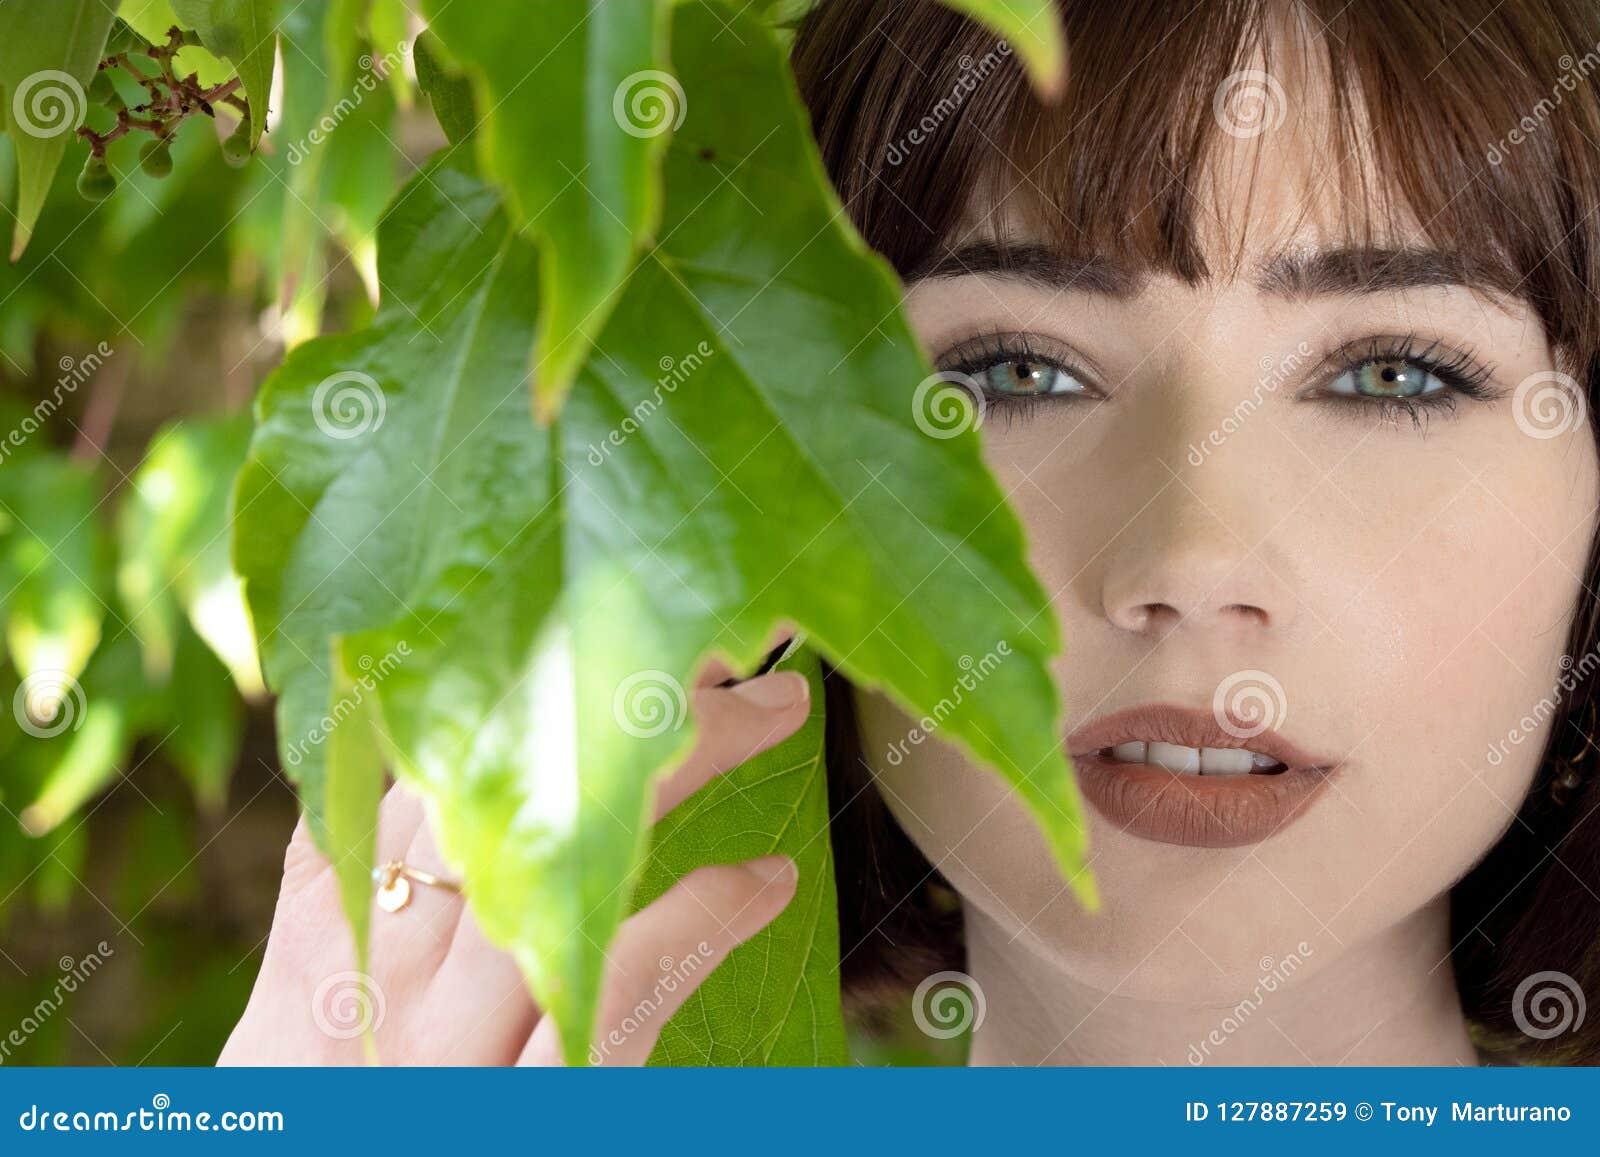 Schönheit hinter den Grünblättern, die Kamera betrachten